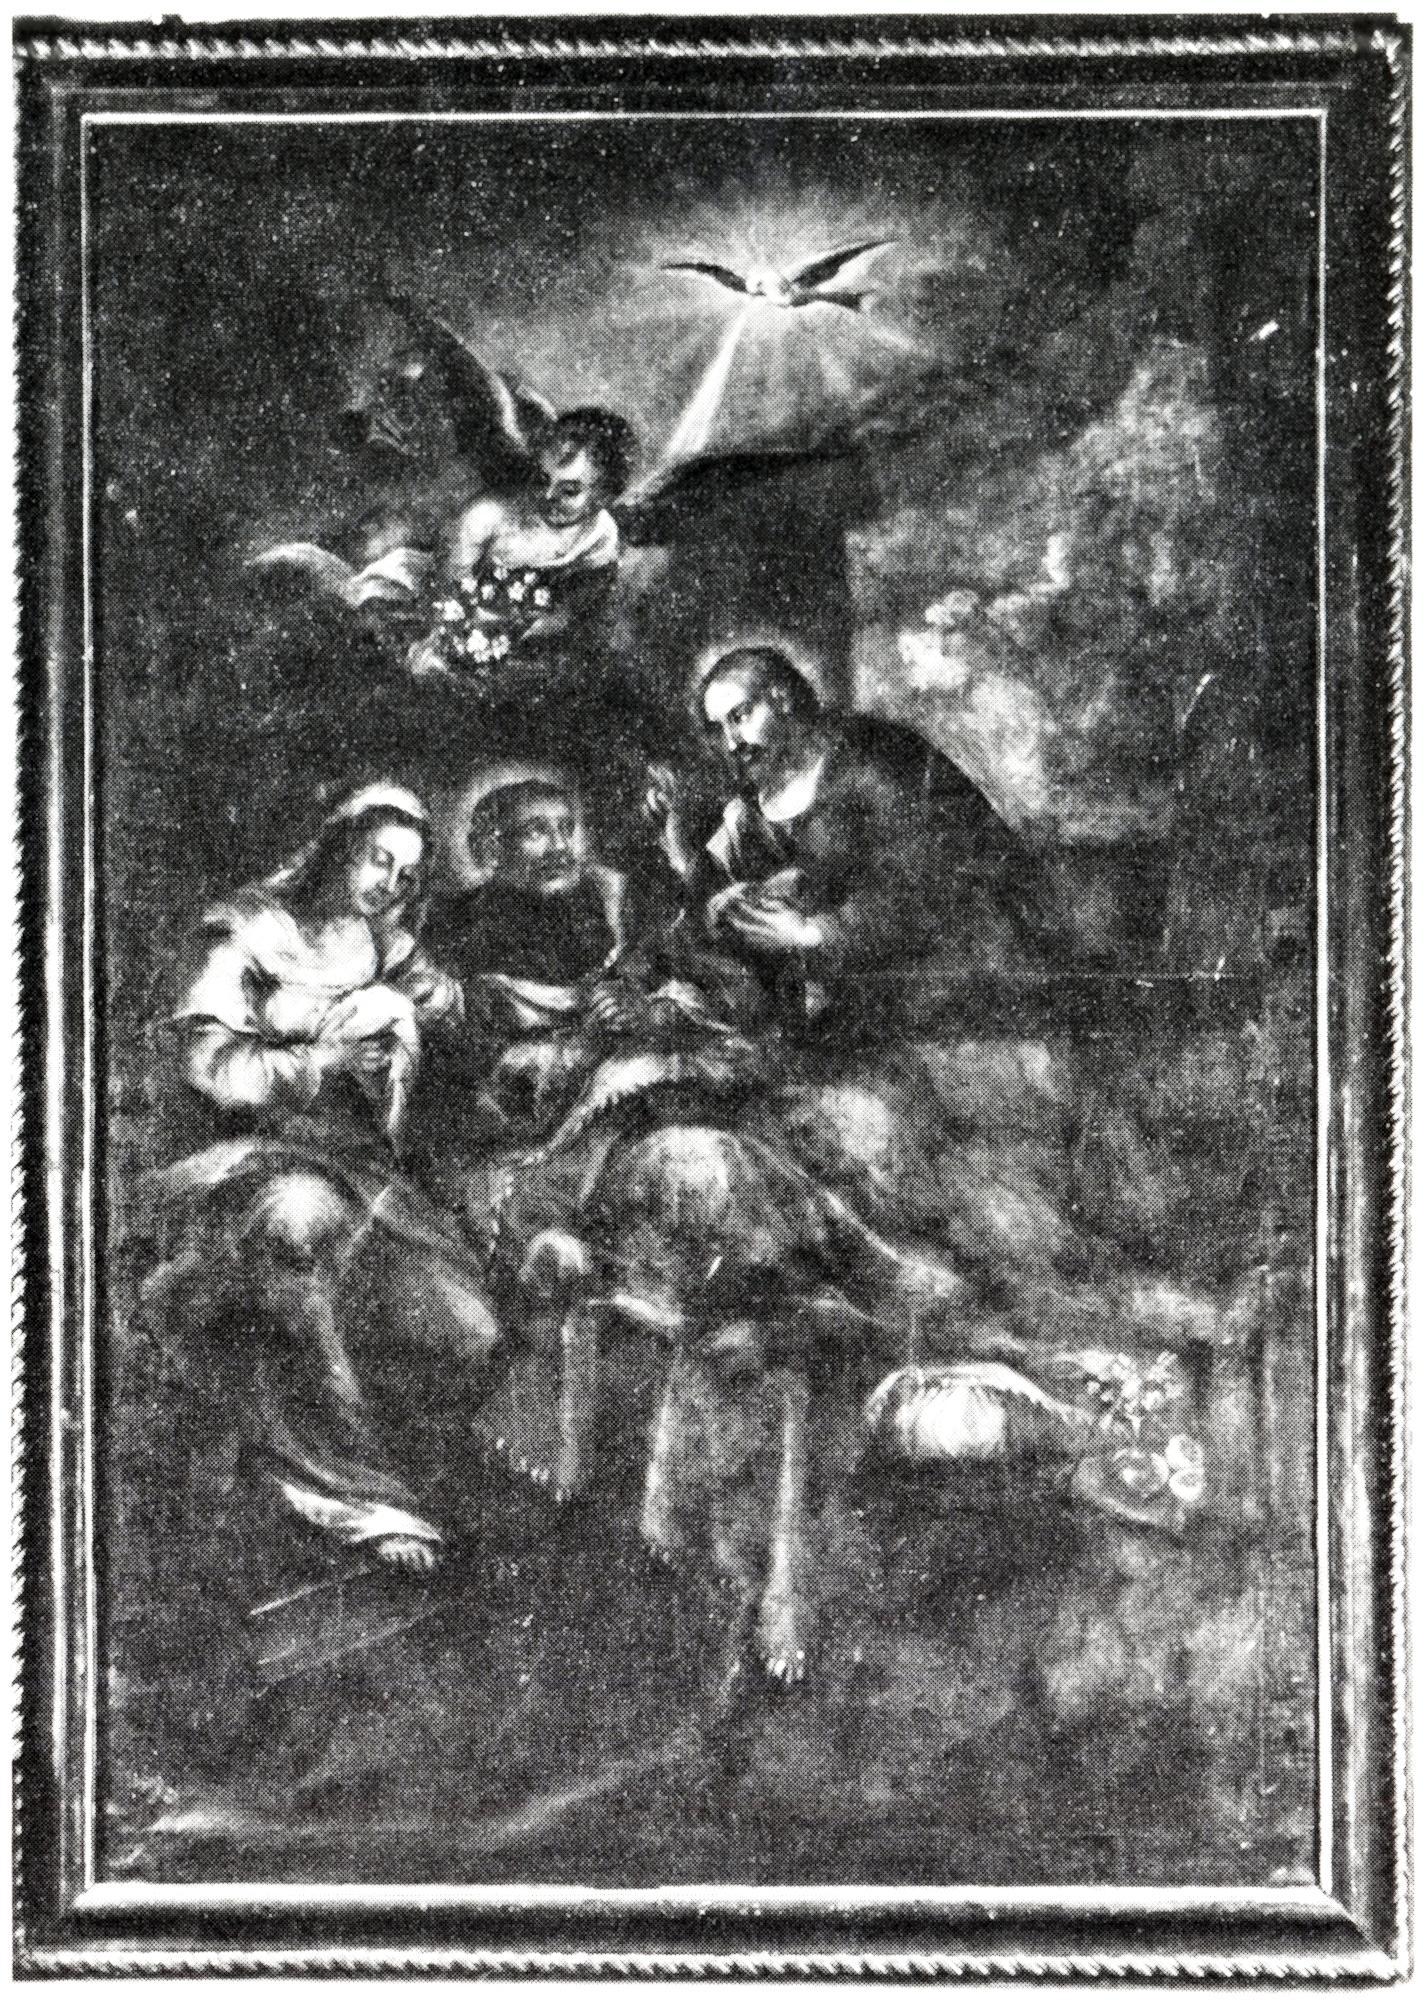 La morte di S. Giuseppe, vecchia chiesa di S. Giacomo, Battaglia Terme.